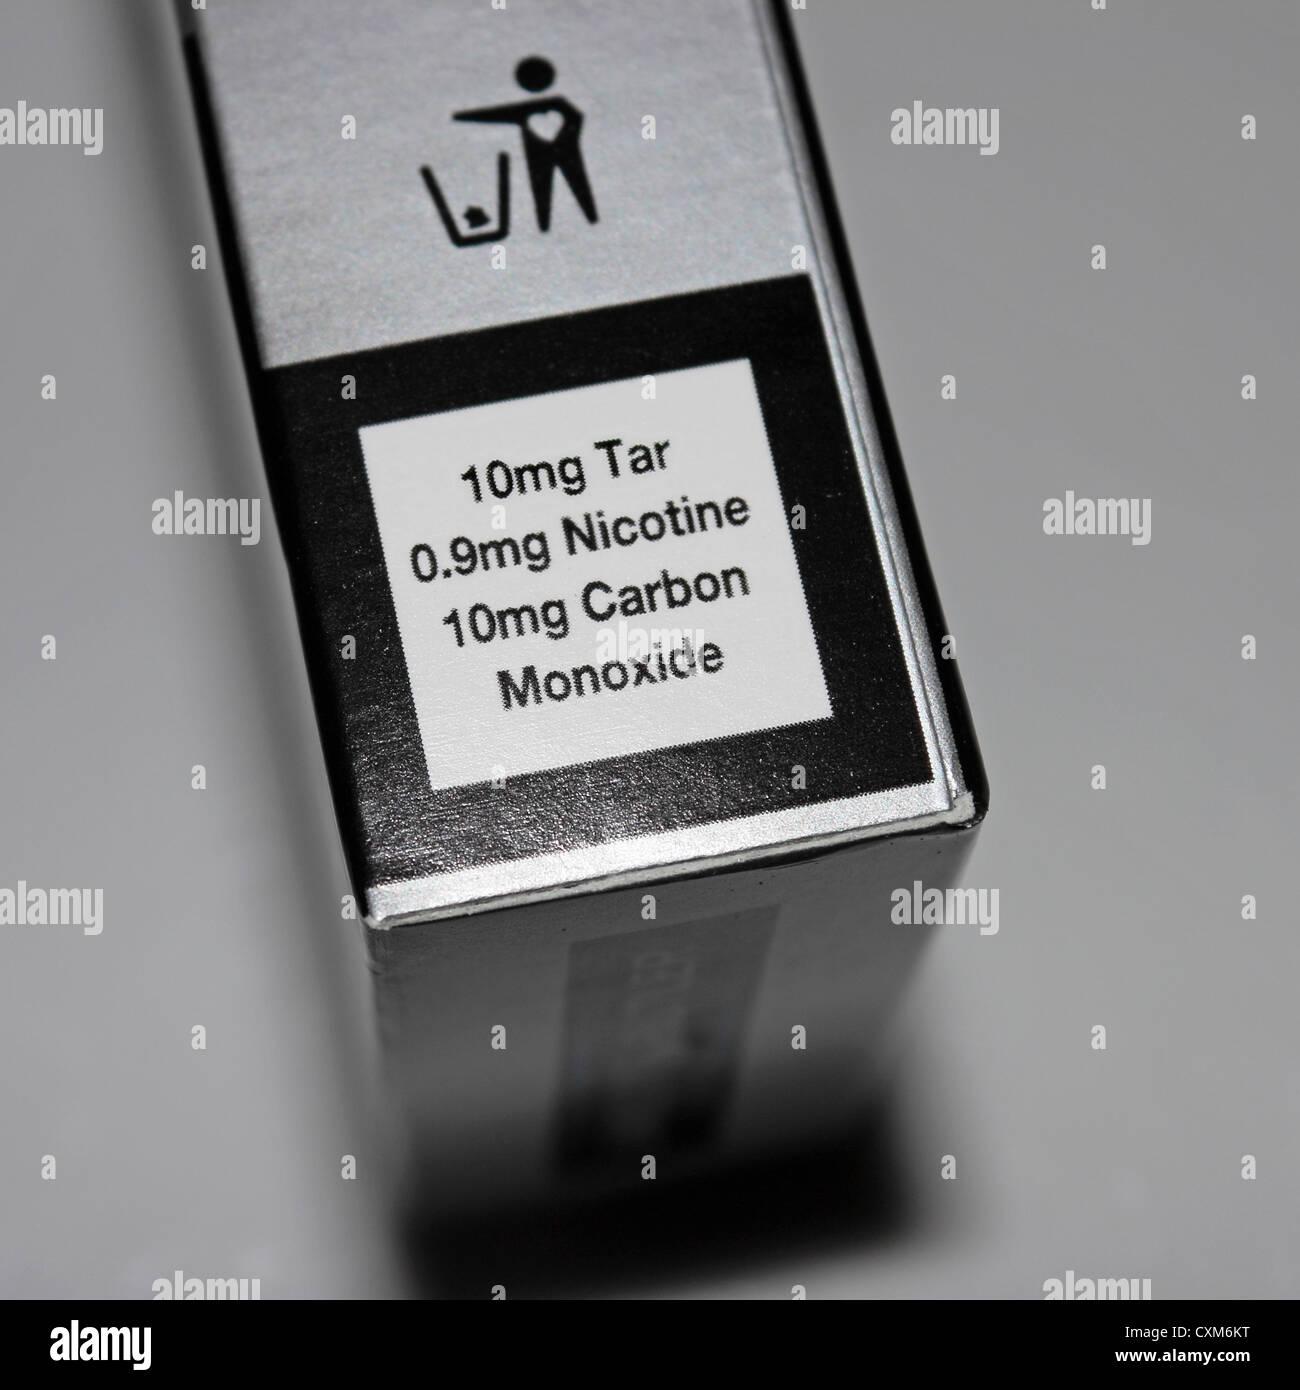 Información del contenido de paquetes de cigarrillos de 10 mg de alquitrán, nicotina 0,9mg, 10 mg de monóxido Imagen De Stock